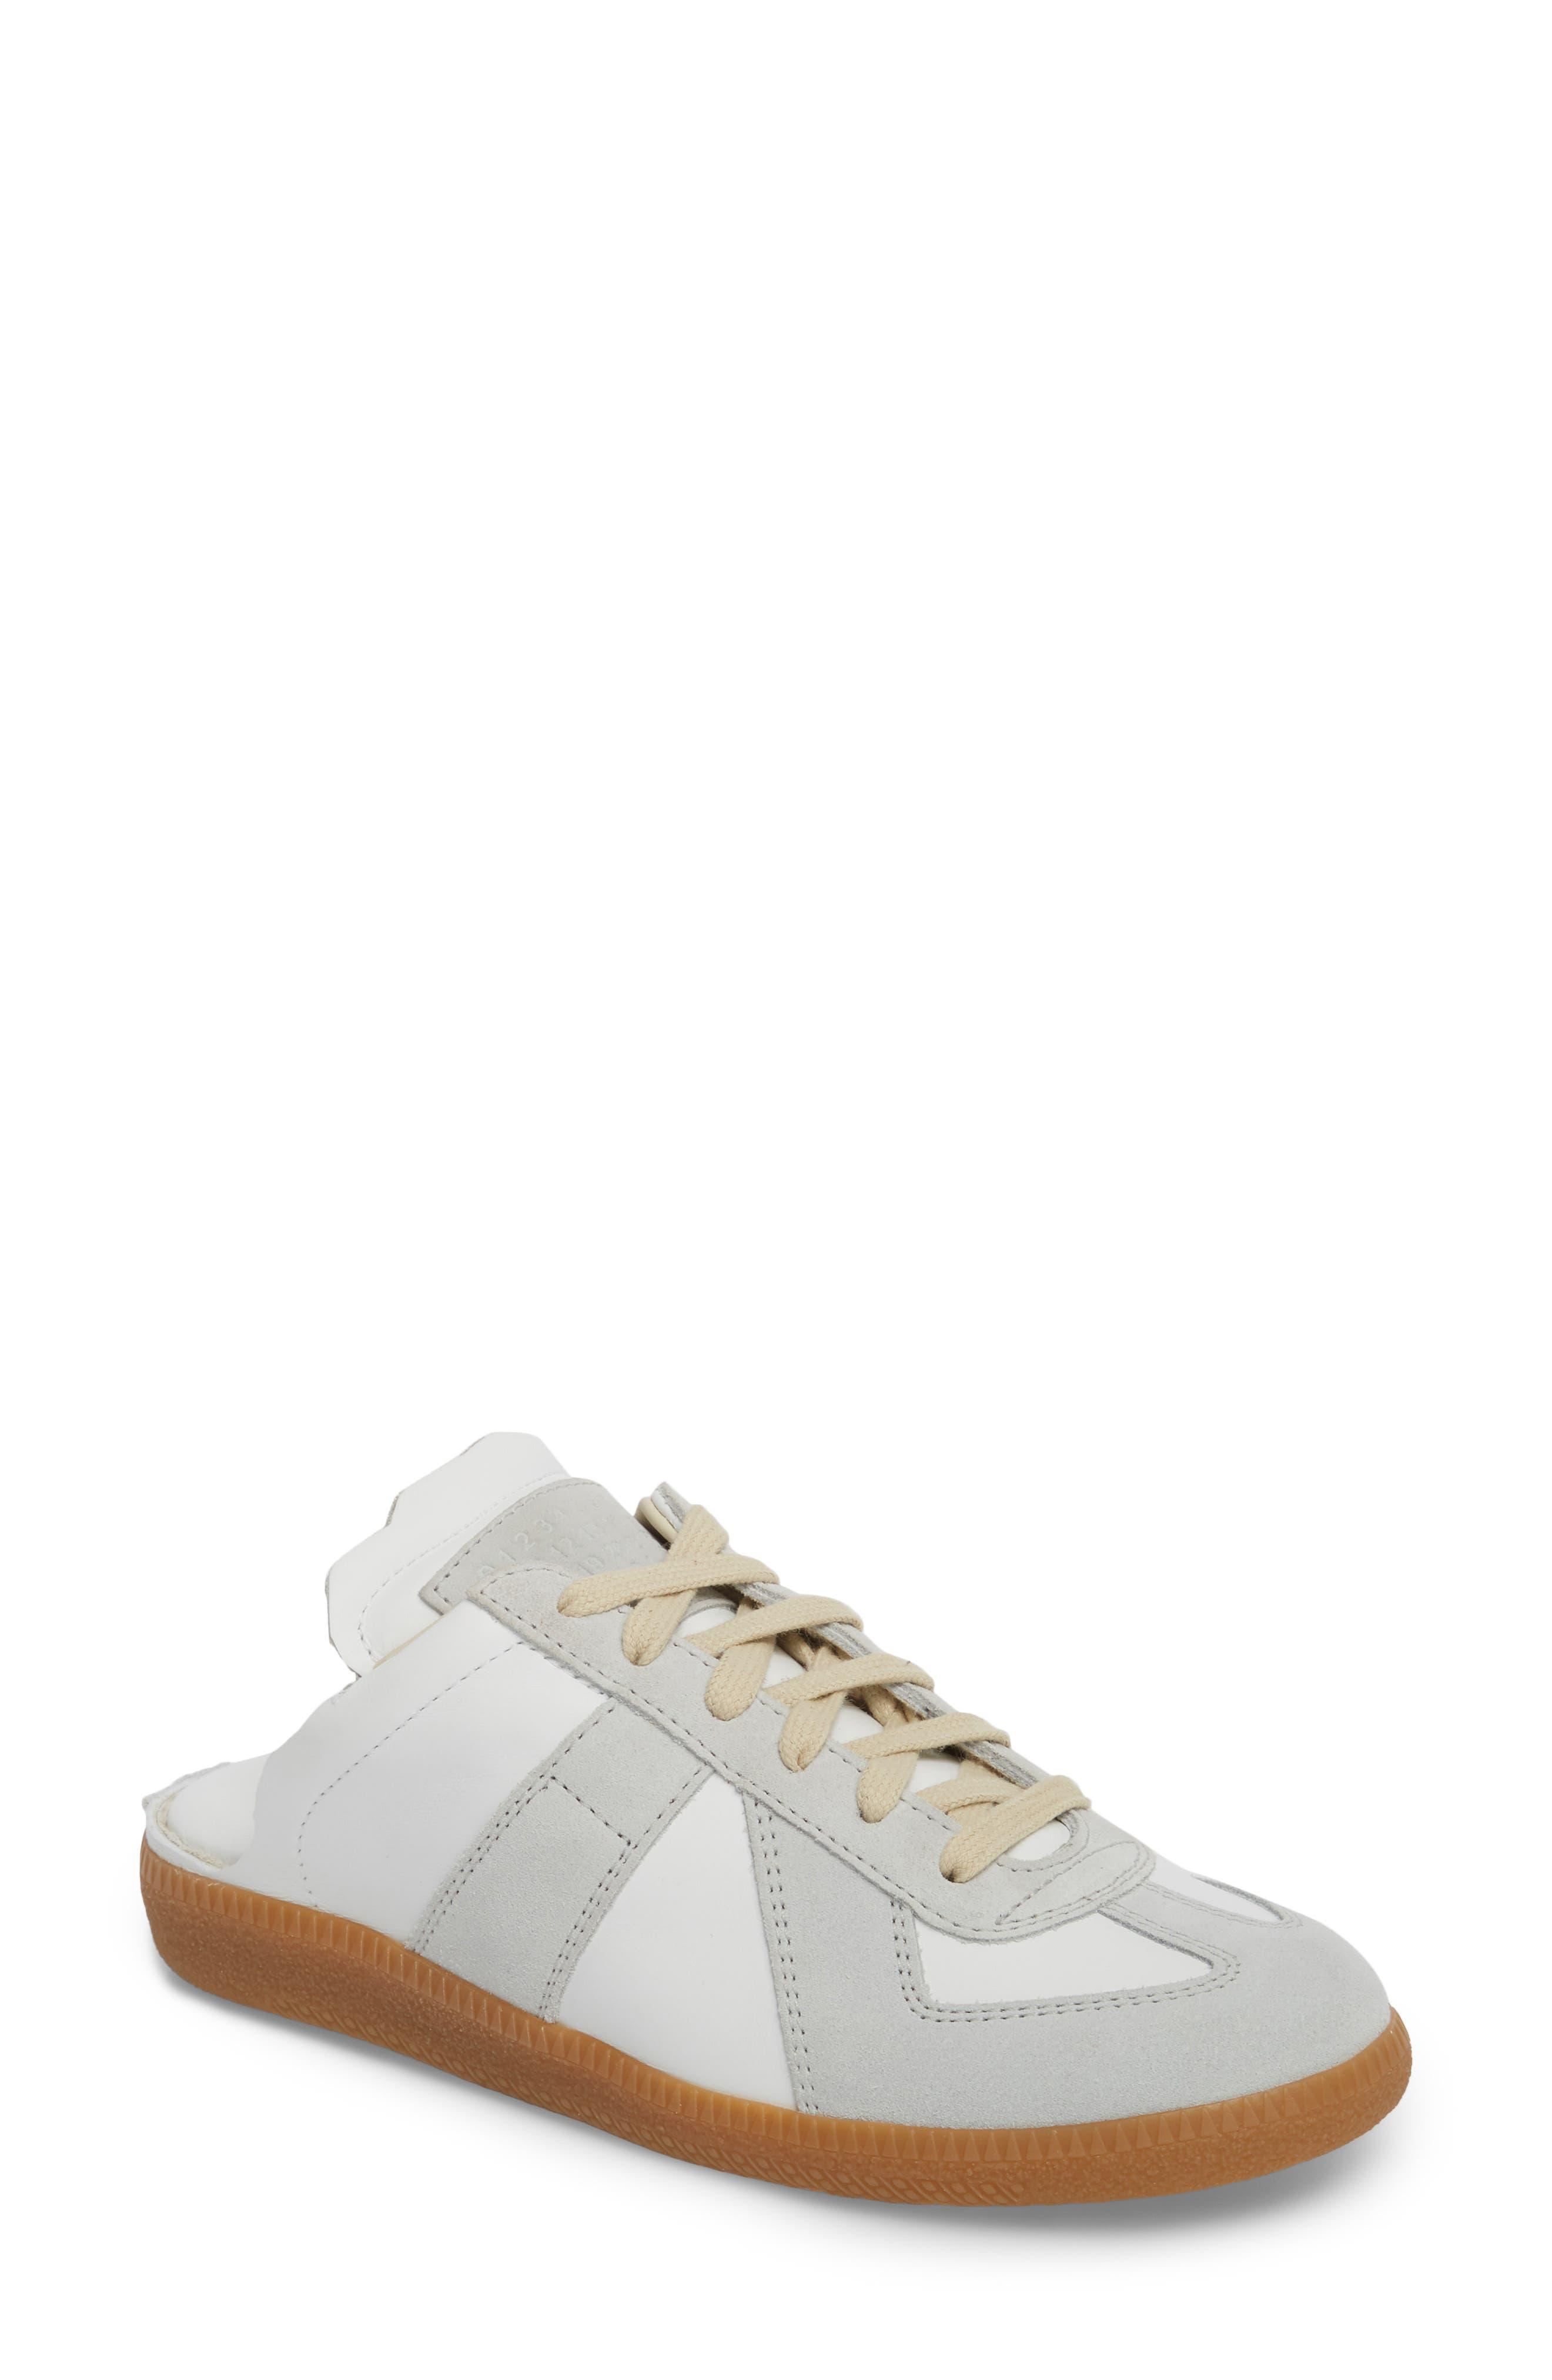 Replica Sneaker Mule,                             Main thumbnail 1, color,                             Amber/ White